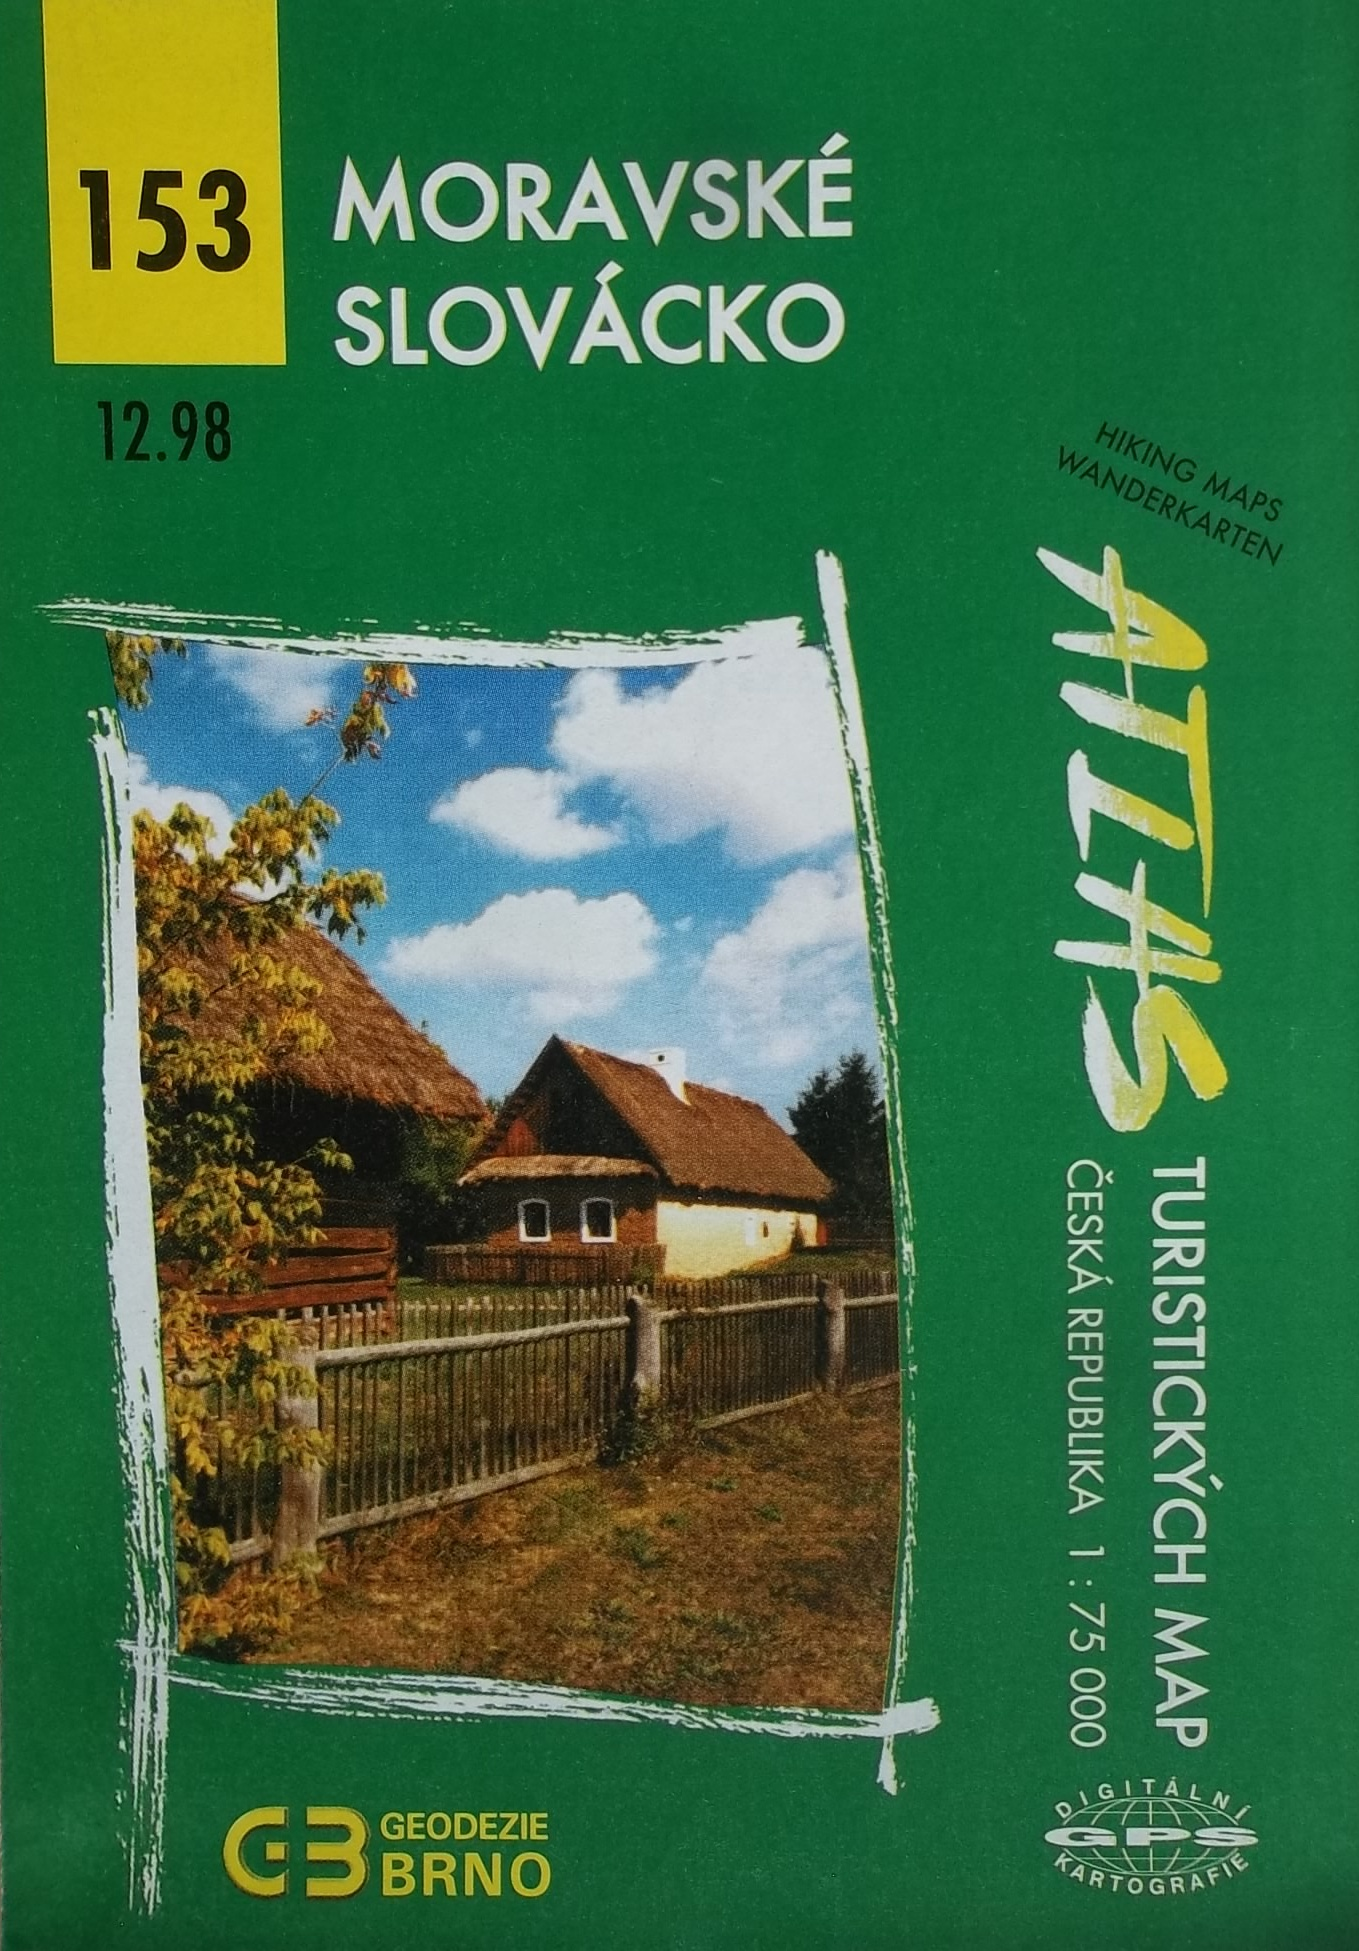 Moravské Slovácko - Atlas turistických map 153